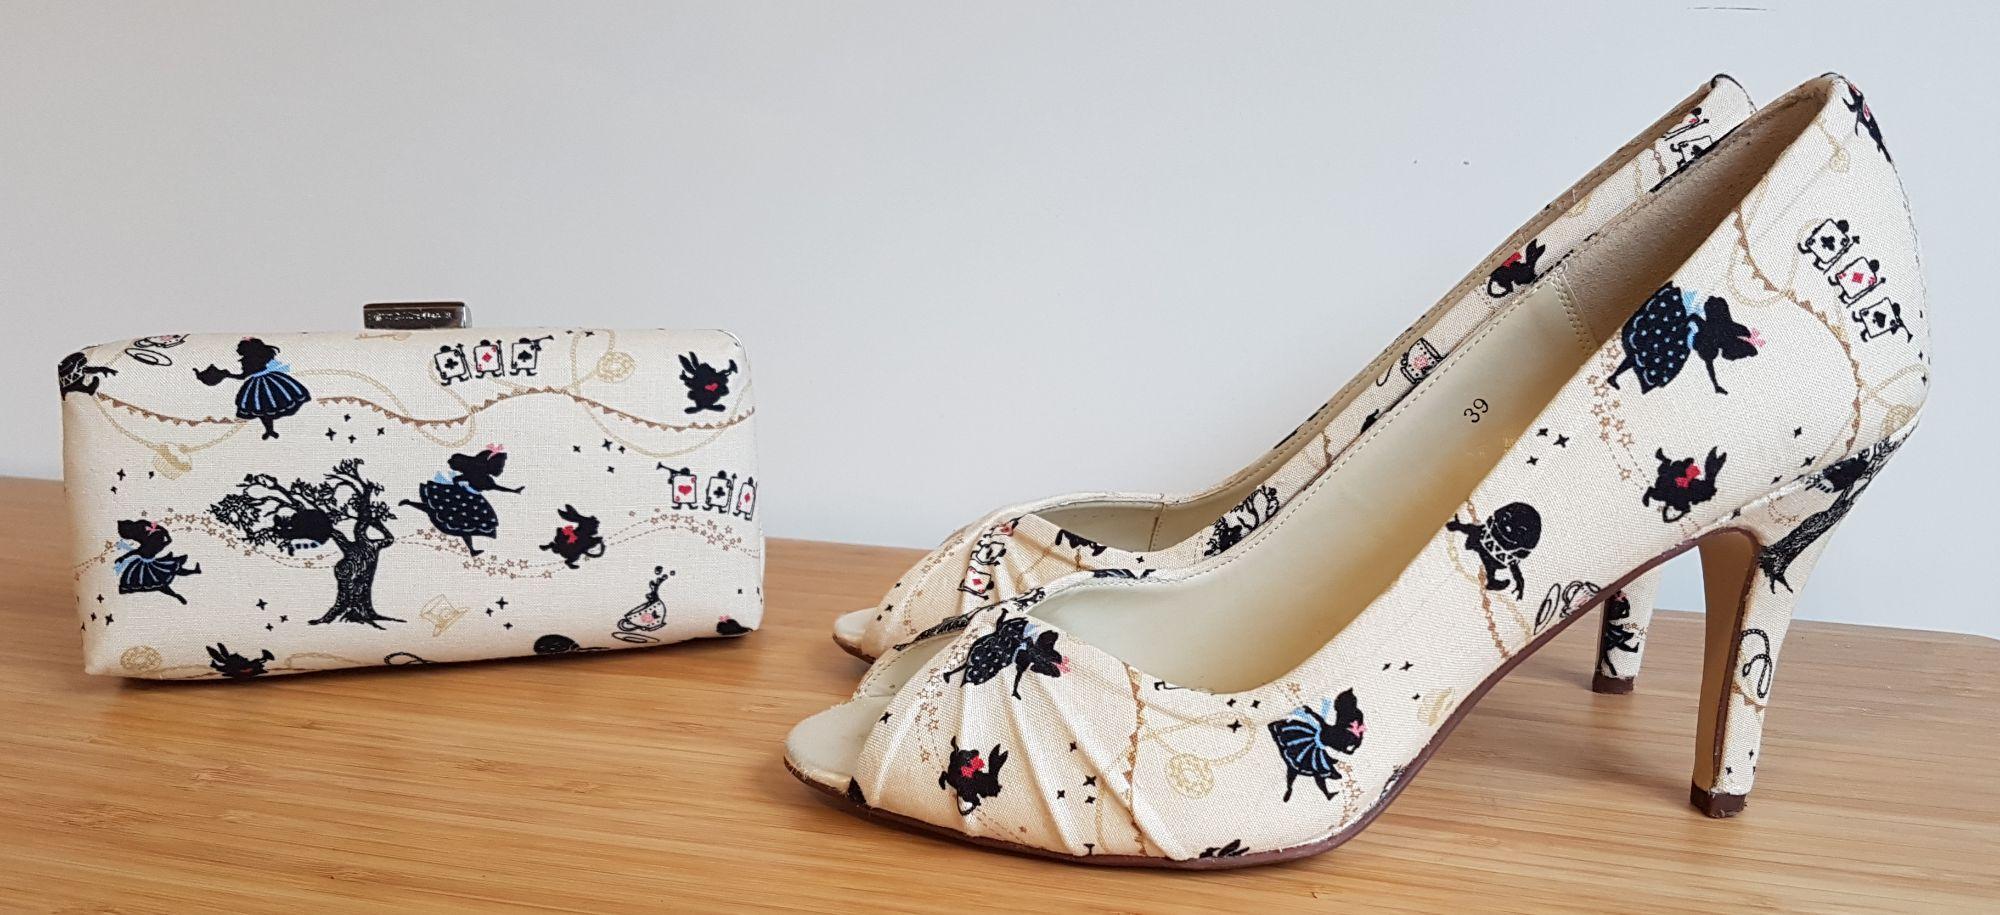 Alice in Wonderland heels and clutch bag